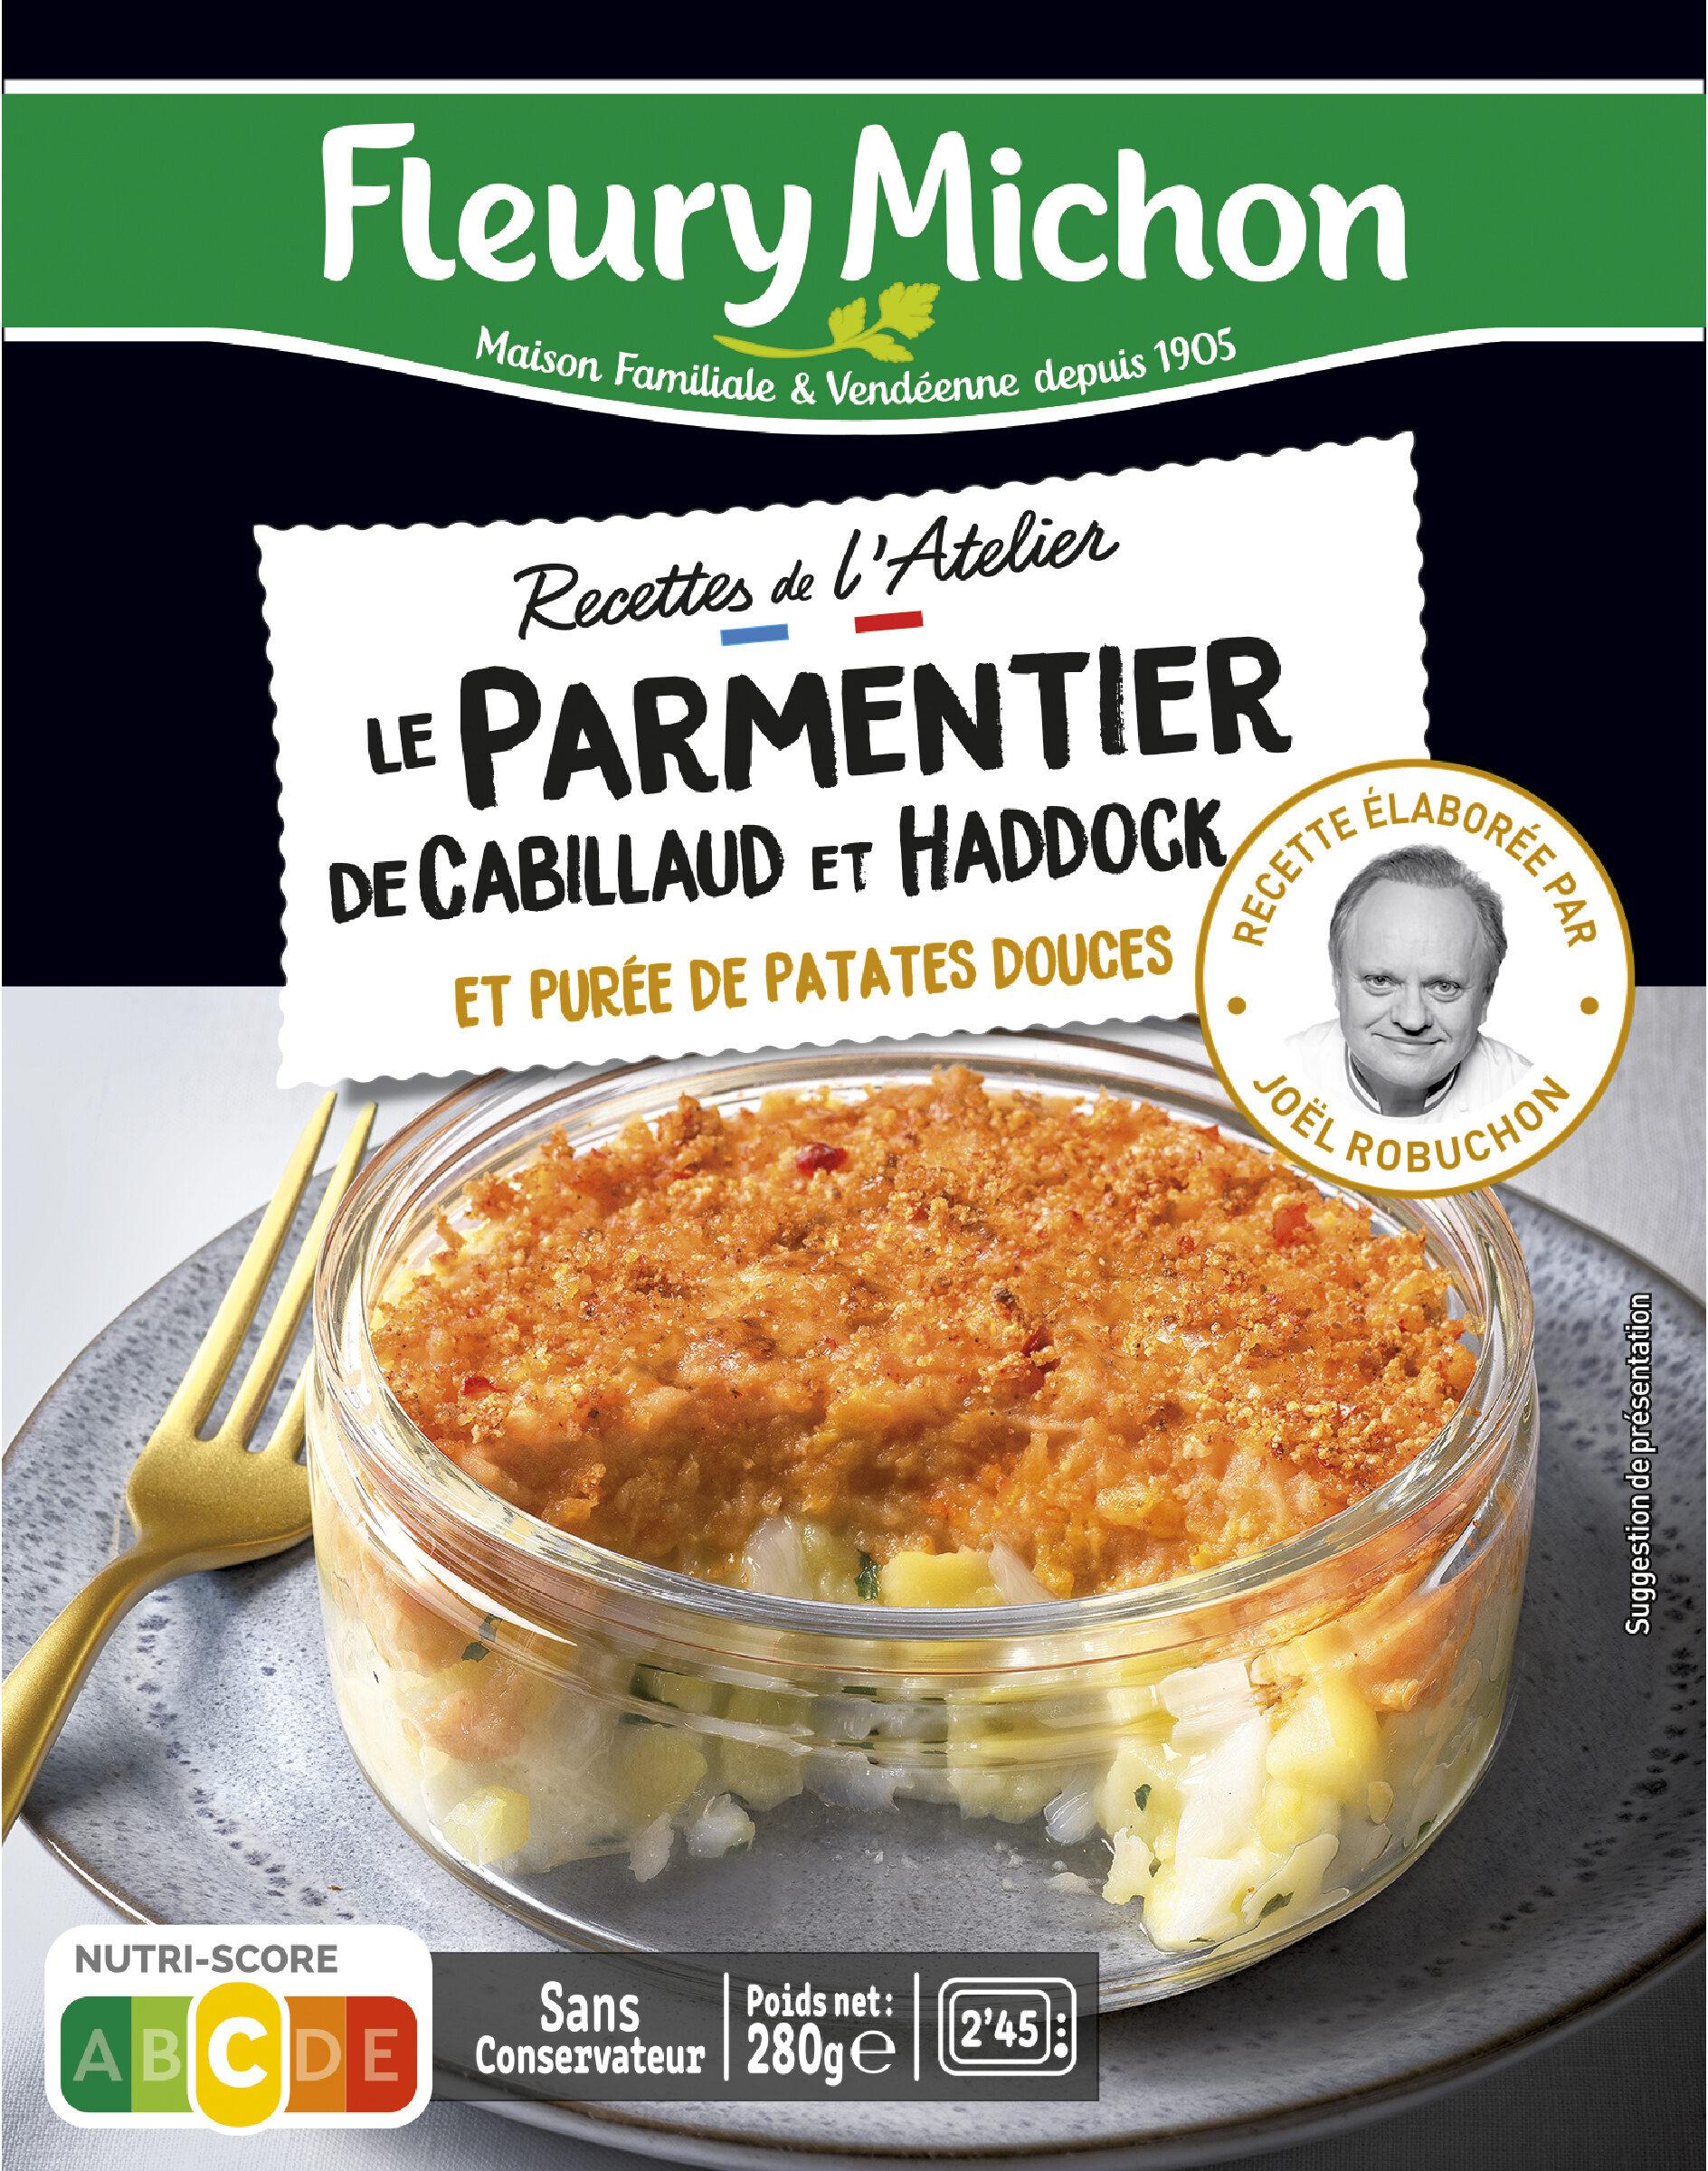 Le parmentier de cabillaud et haddock et purée de patates douces - Product - fr